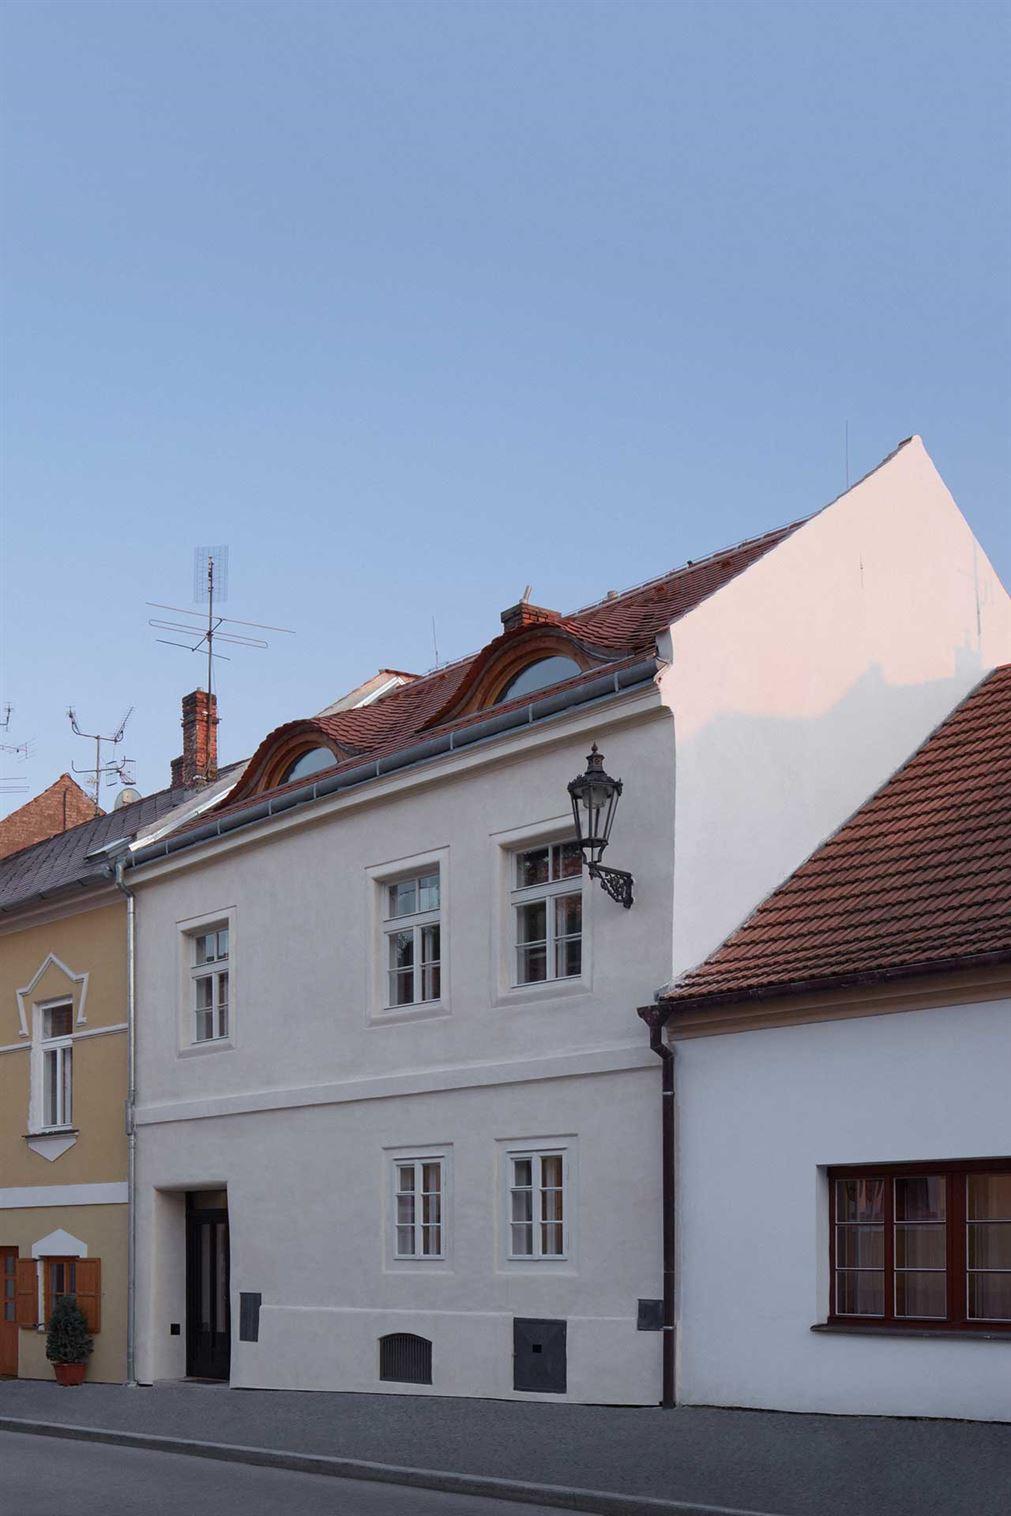 s13_stajnhaus_mikulov_nikolsburg_czech_republic_by_ora_photo_boysplaynice_yatzer